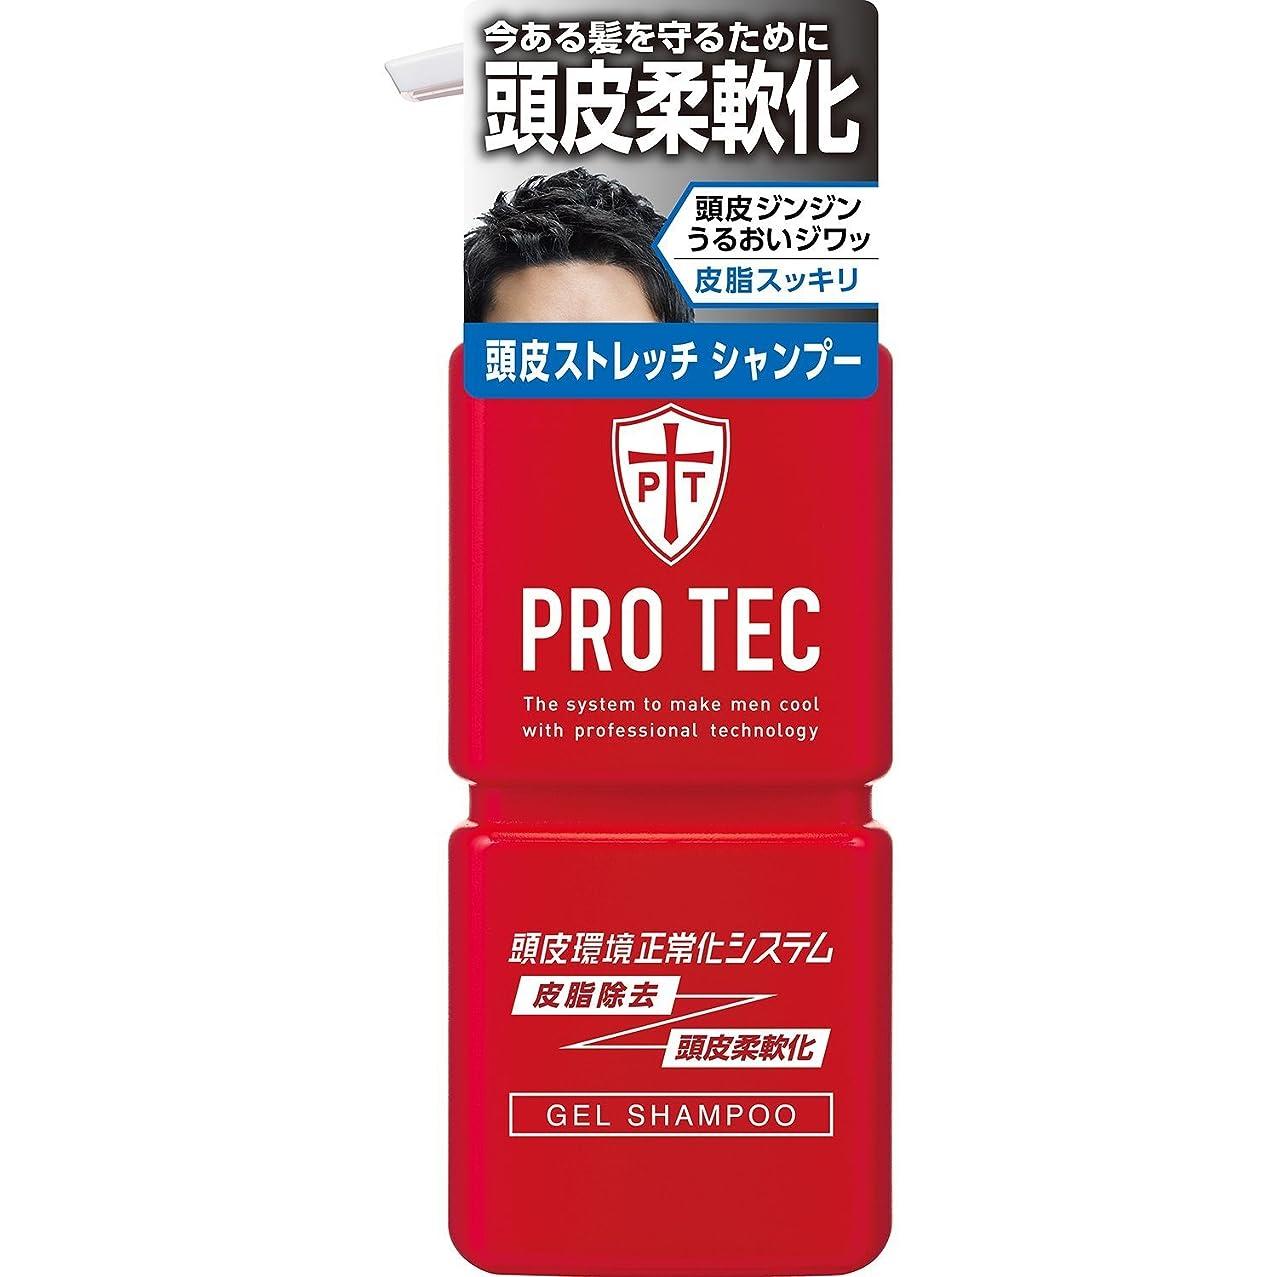 欲望マディソン確立しますPRO TEC(プロテク) 頭皮ストレッチシャンプー ポンプ 300g (医薬部外品) ×10個セット